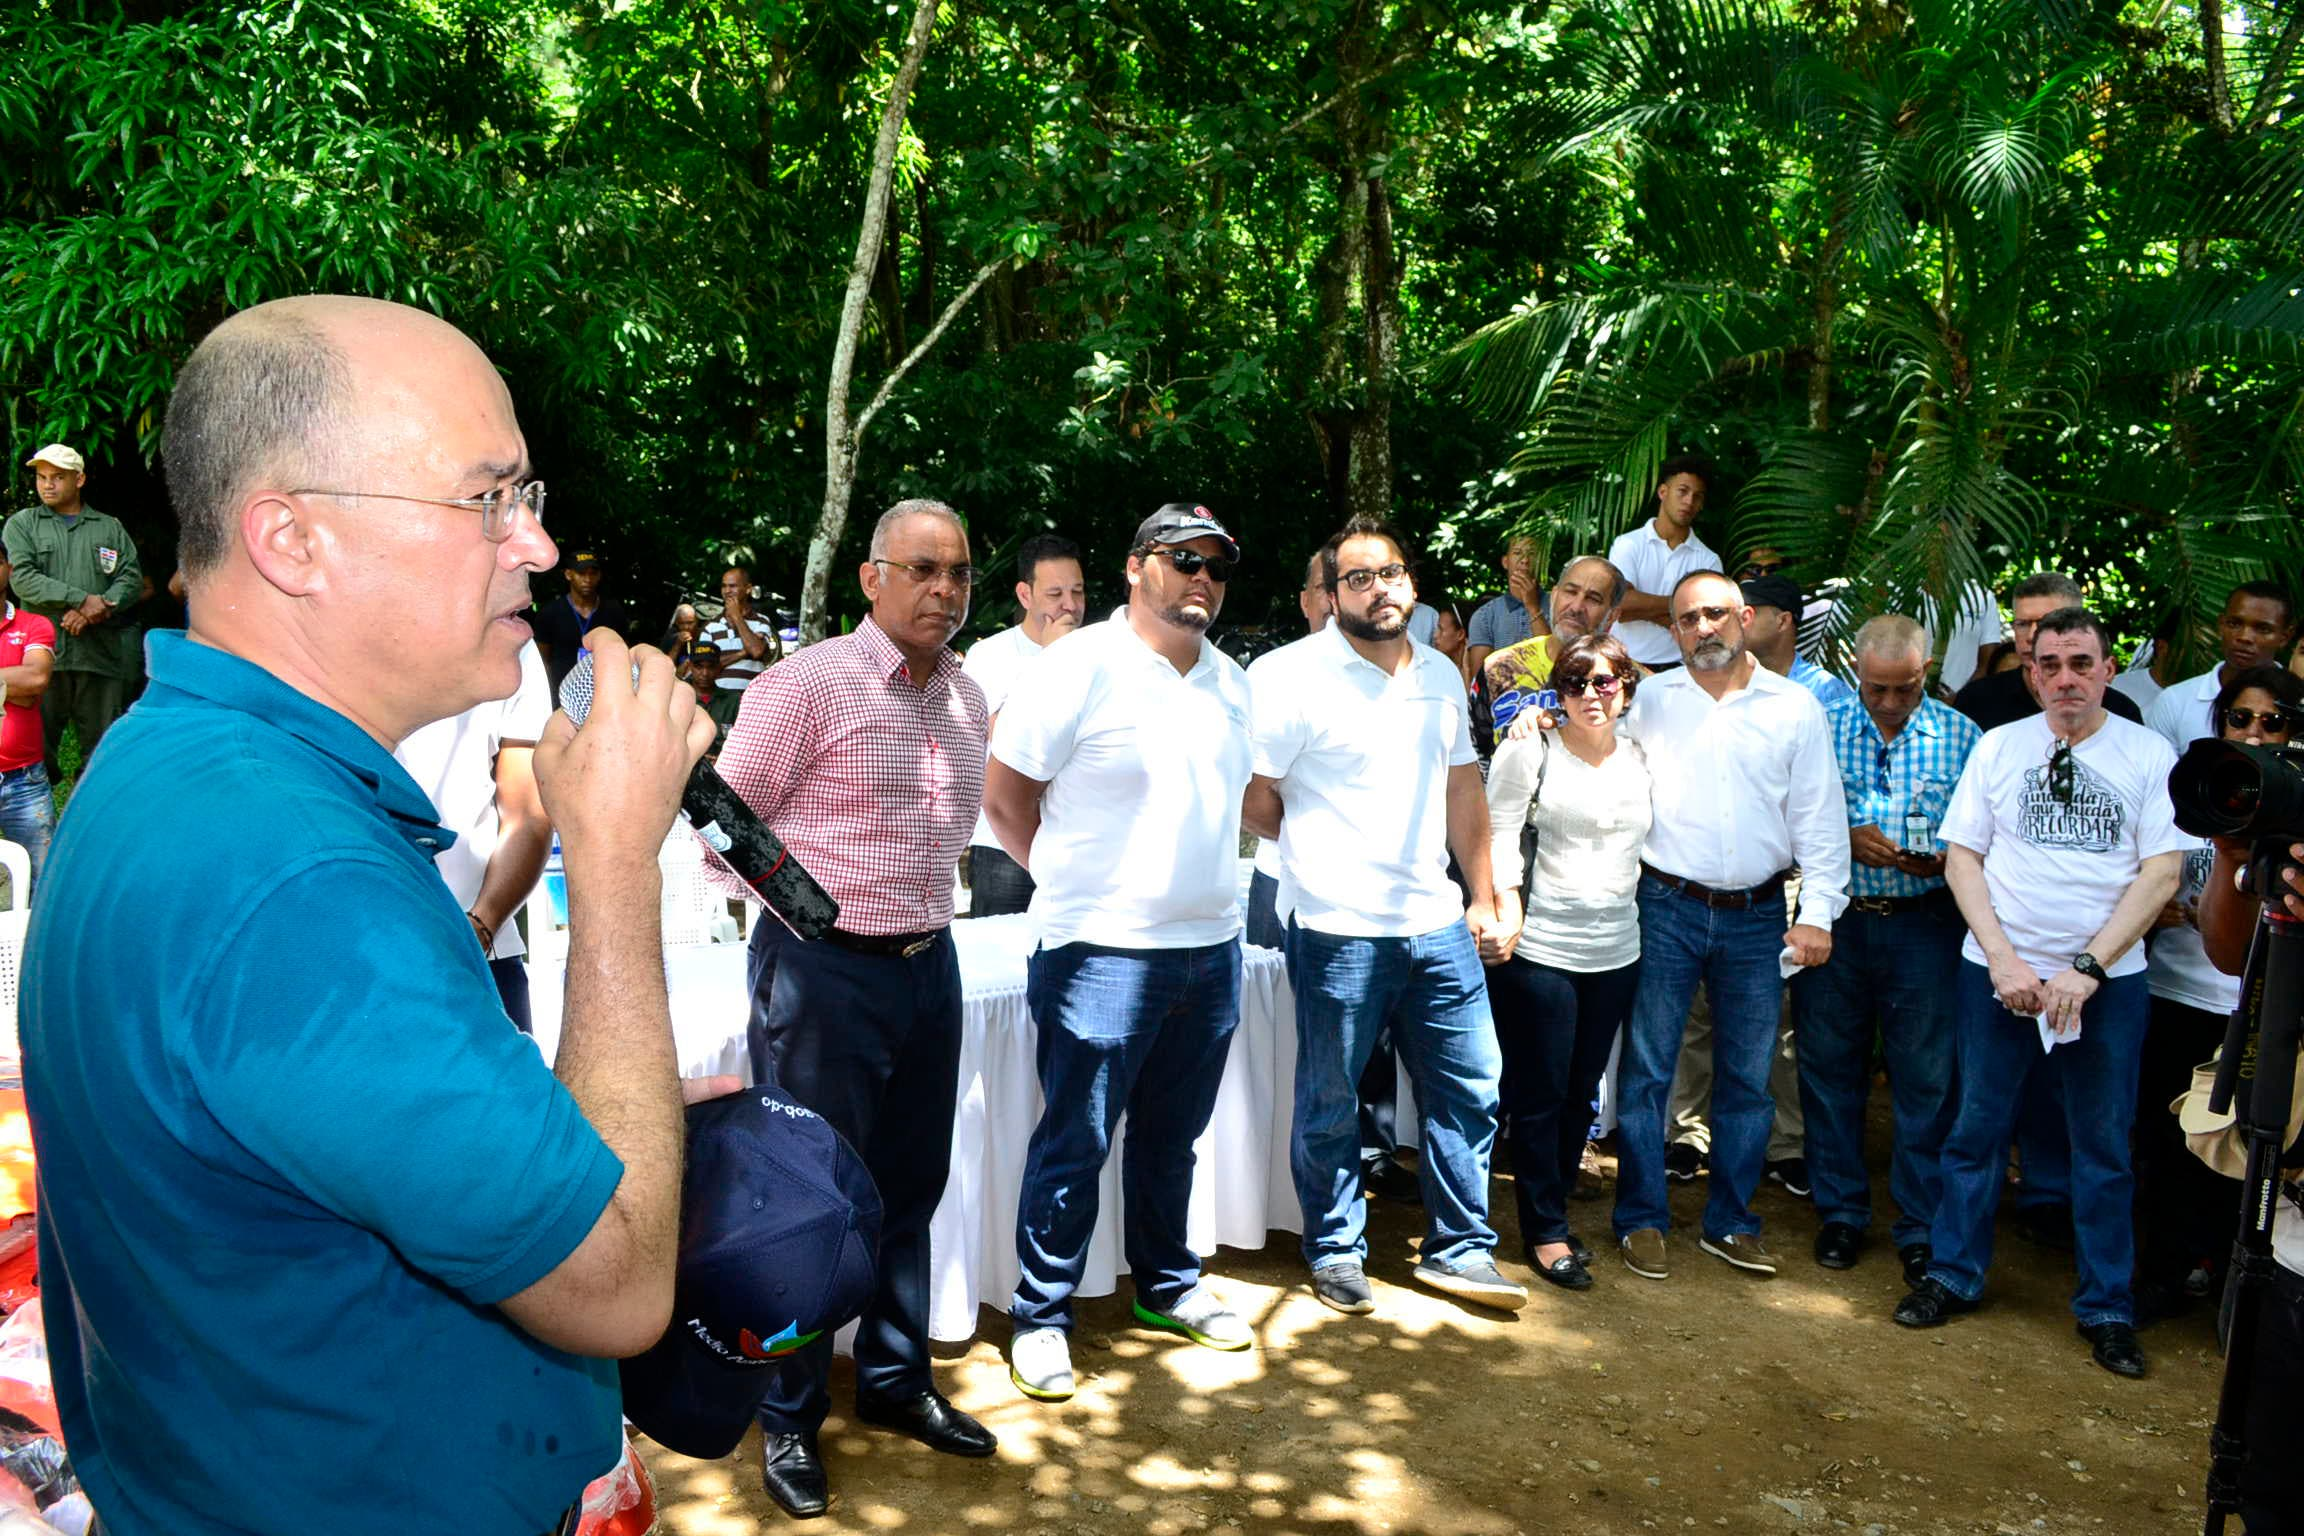 El ministro de Medio Ambiente, Francisco Domínguez Brito, habla a los presentes en el acto.